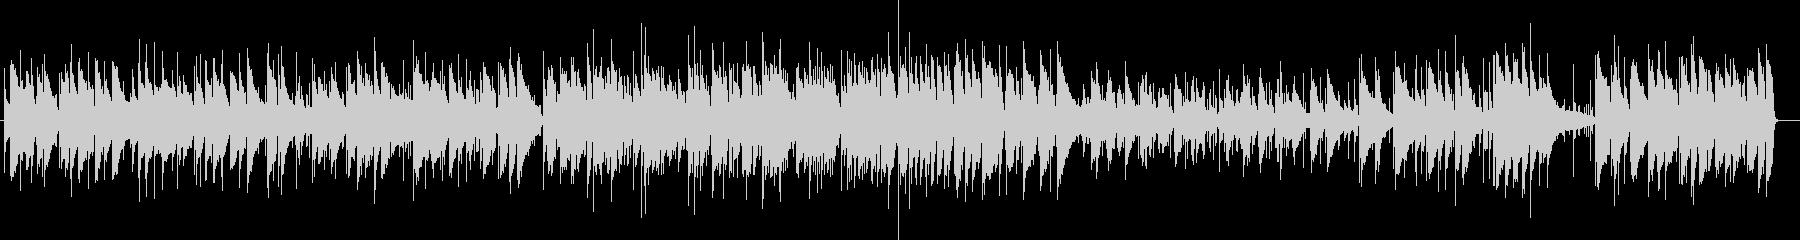 唱歌のジャズピアノ の未再生の波形